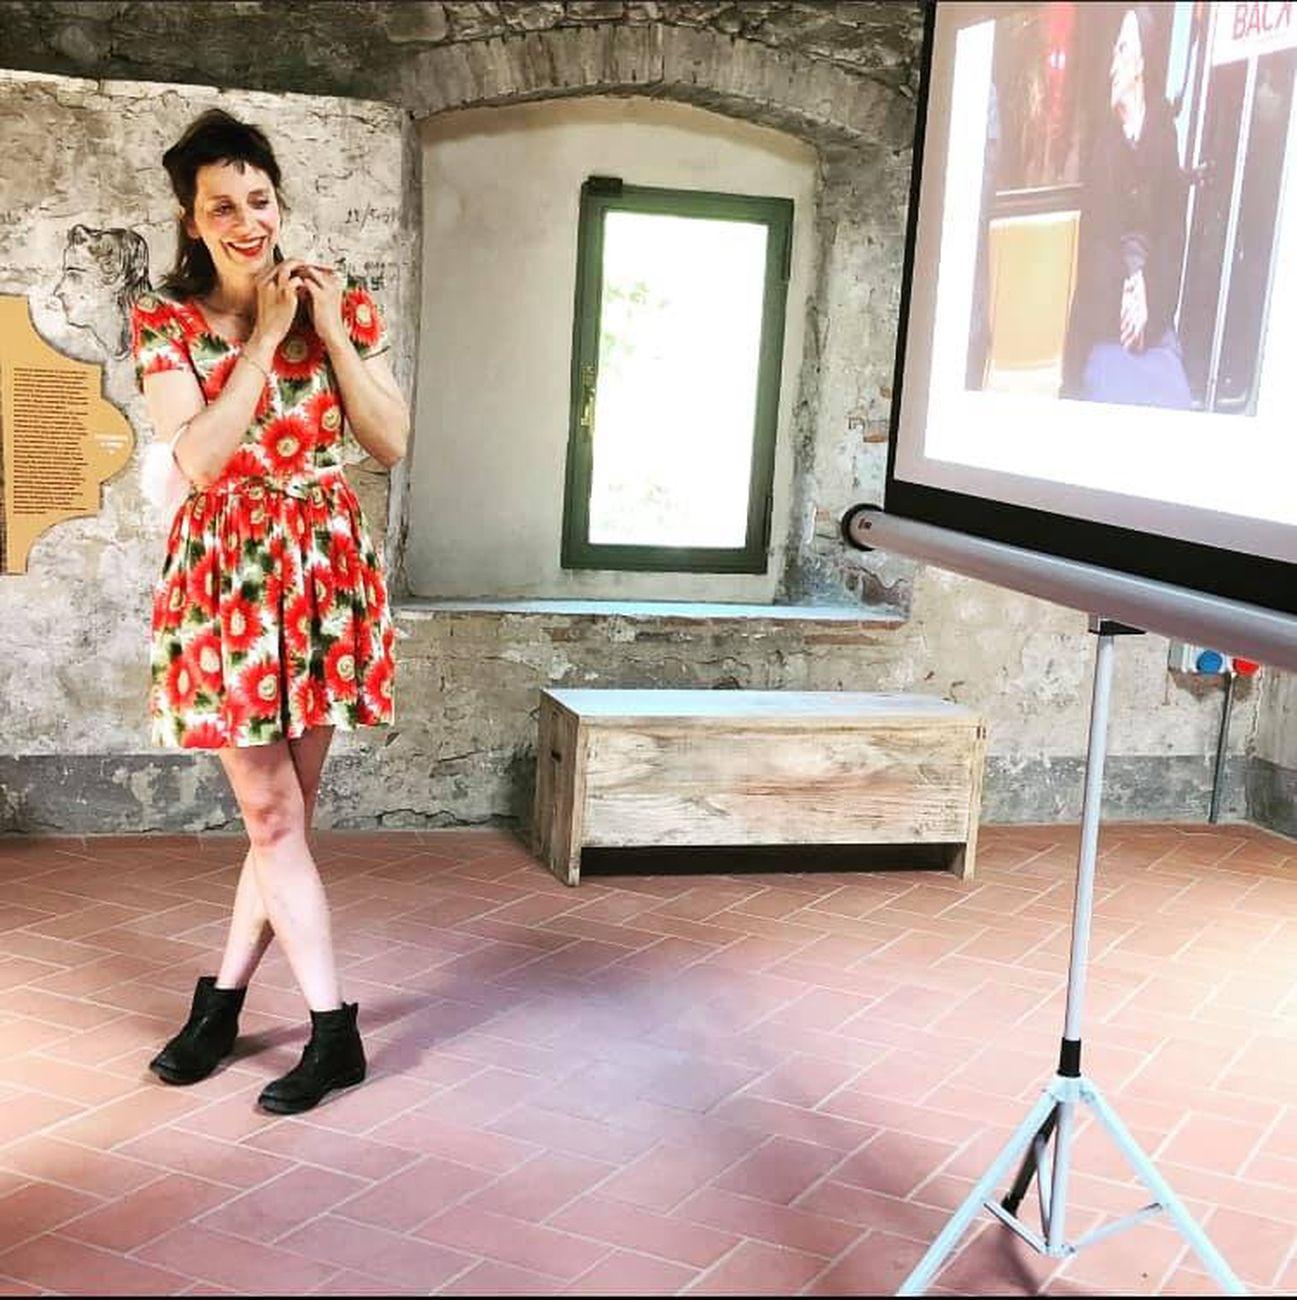 Cantieri Montelupo, workshop di Emanuela Barilozzi Caruso, Fornace del Museo, Montelupo Fiorentino 10 luglio 2021. Photo Benedetta Falteri